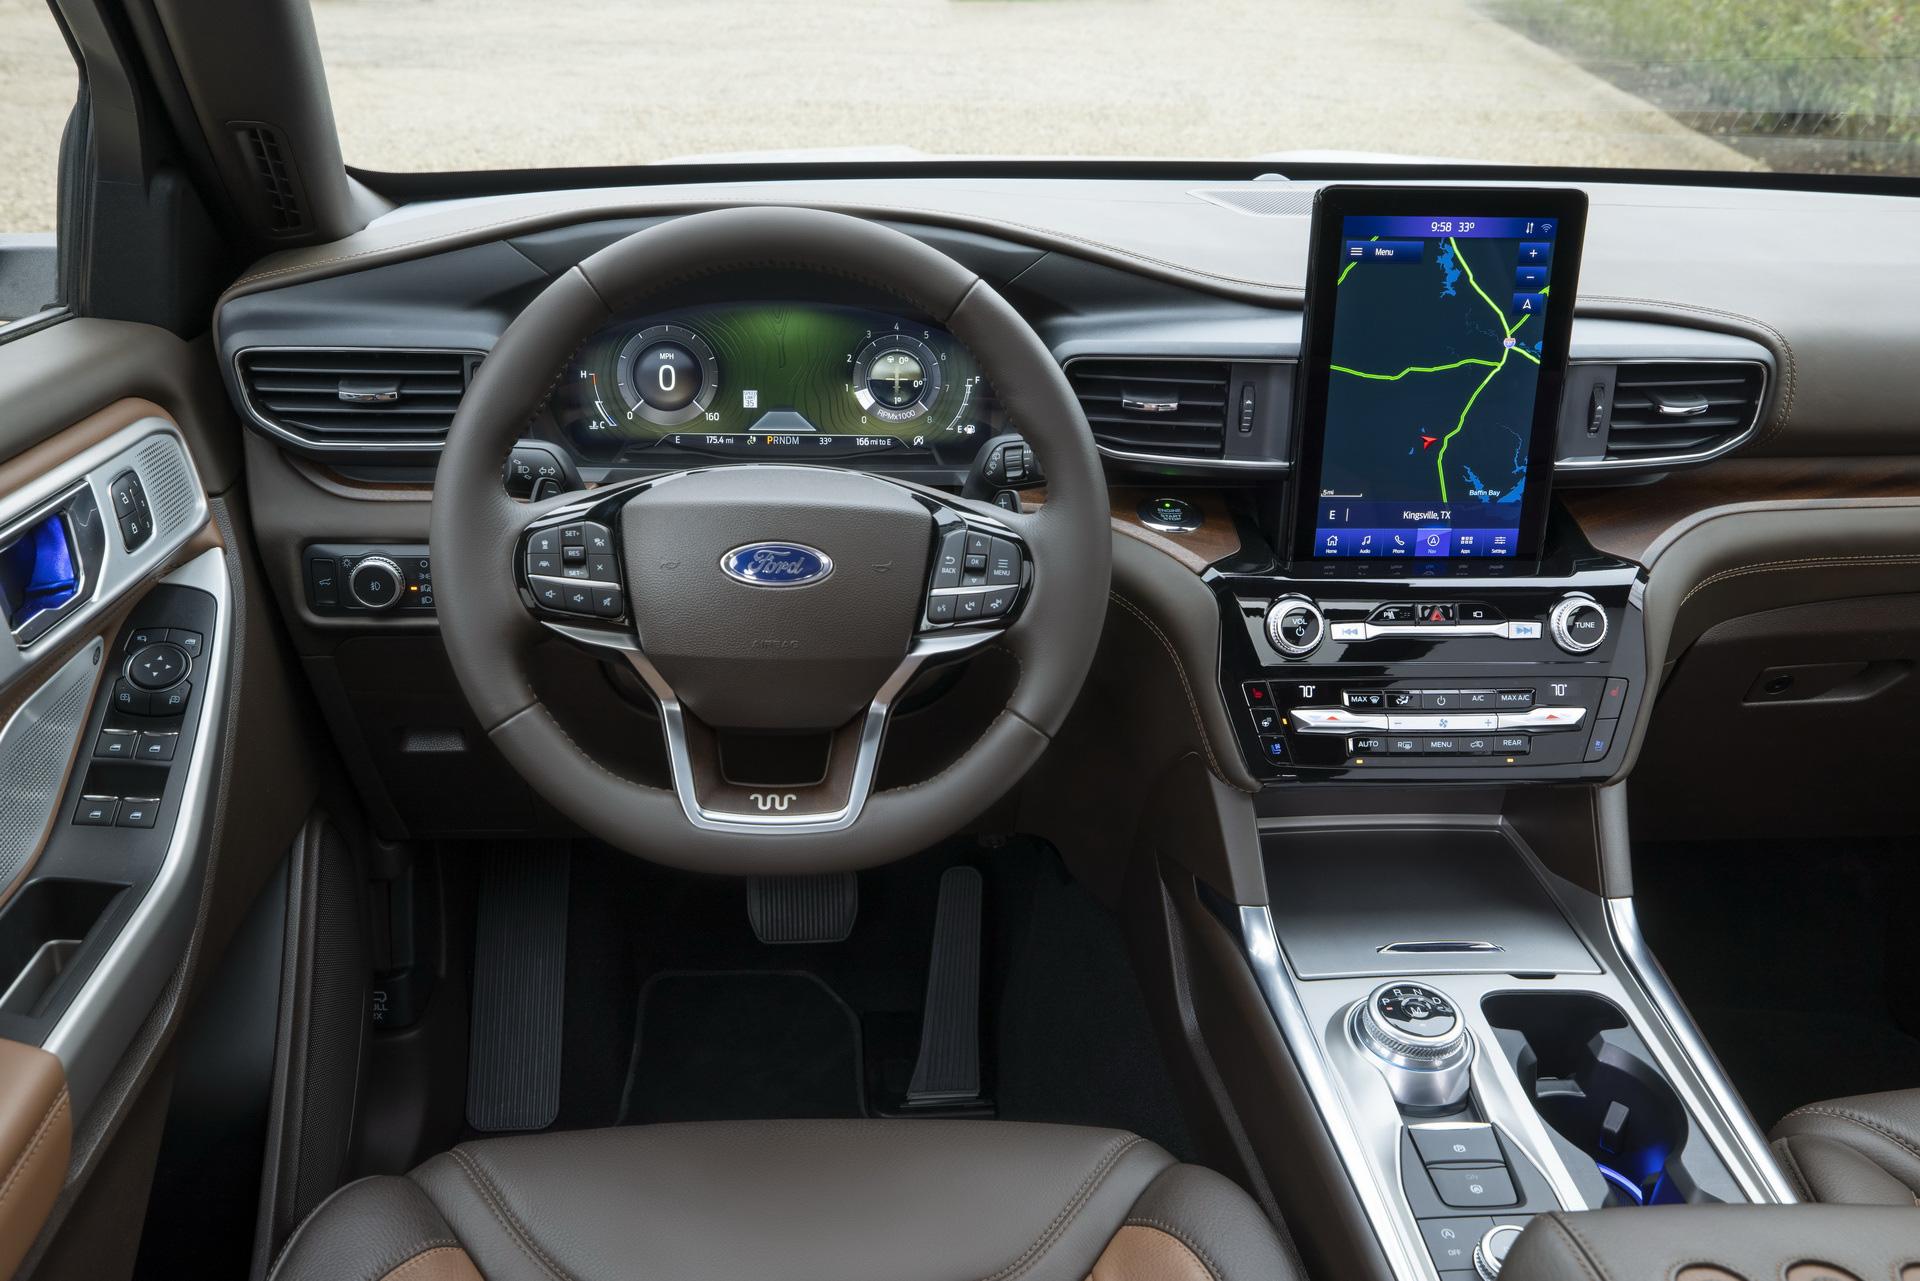 Ford tung dòng SUV khiến Honda CR-V, Mazda CX-5 lo lắng - Ảnh 3.